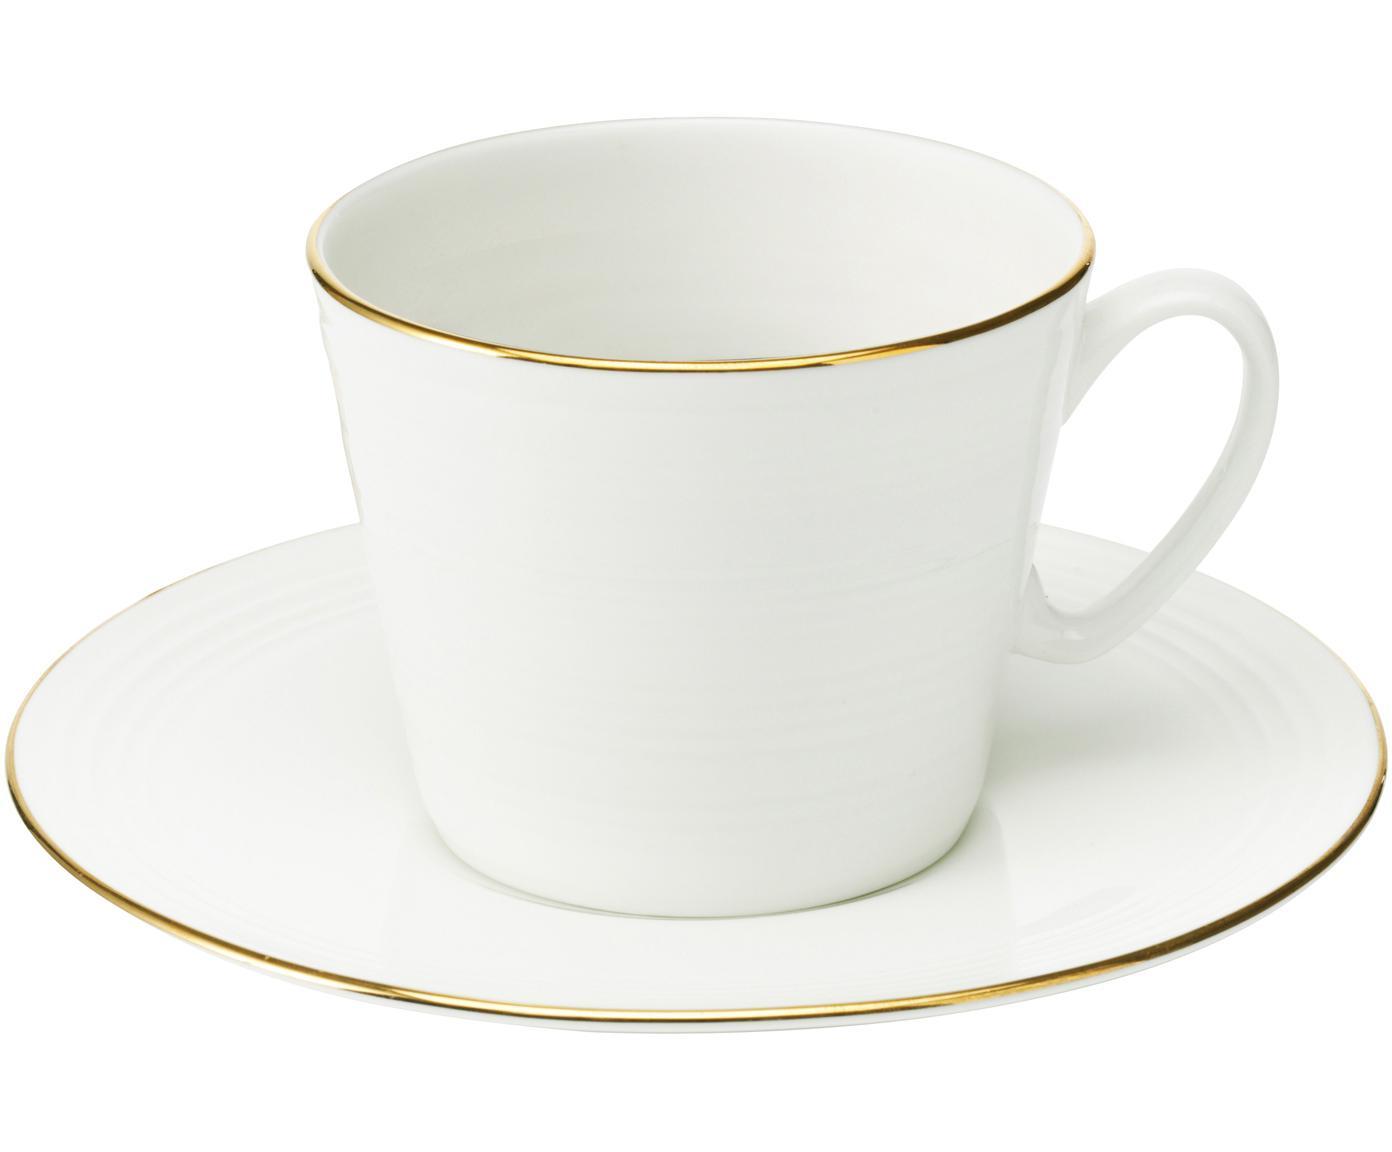 Tazza da caffè Cobald 4 pz, Porcellana, Bianco, dorato, Ø 9 x Alt. 8 cm